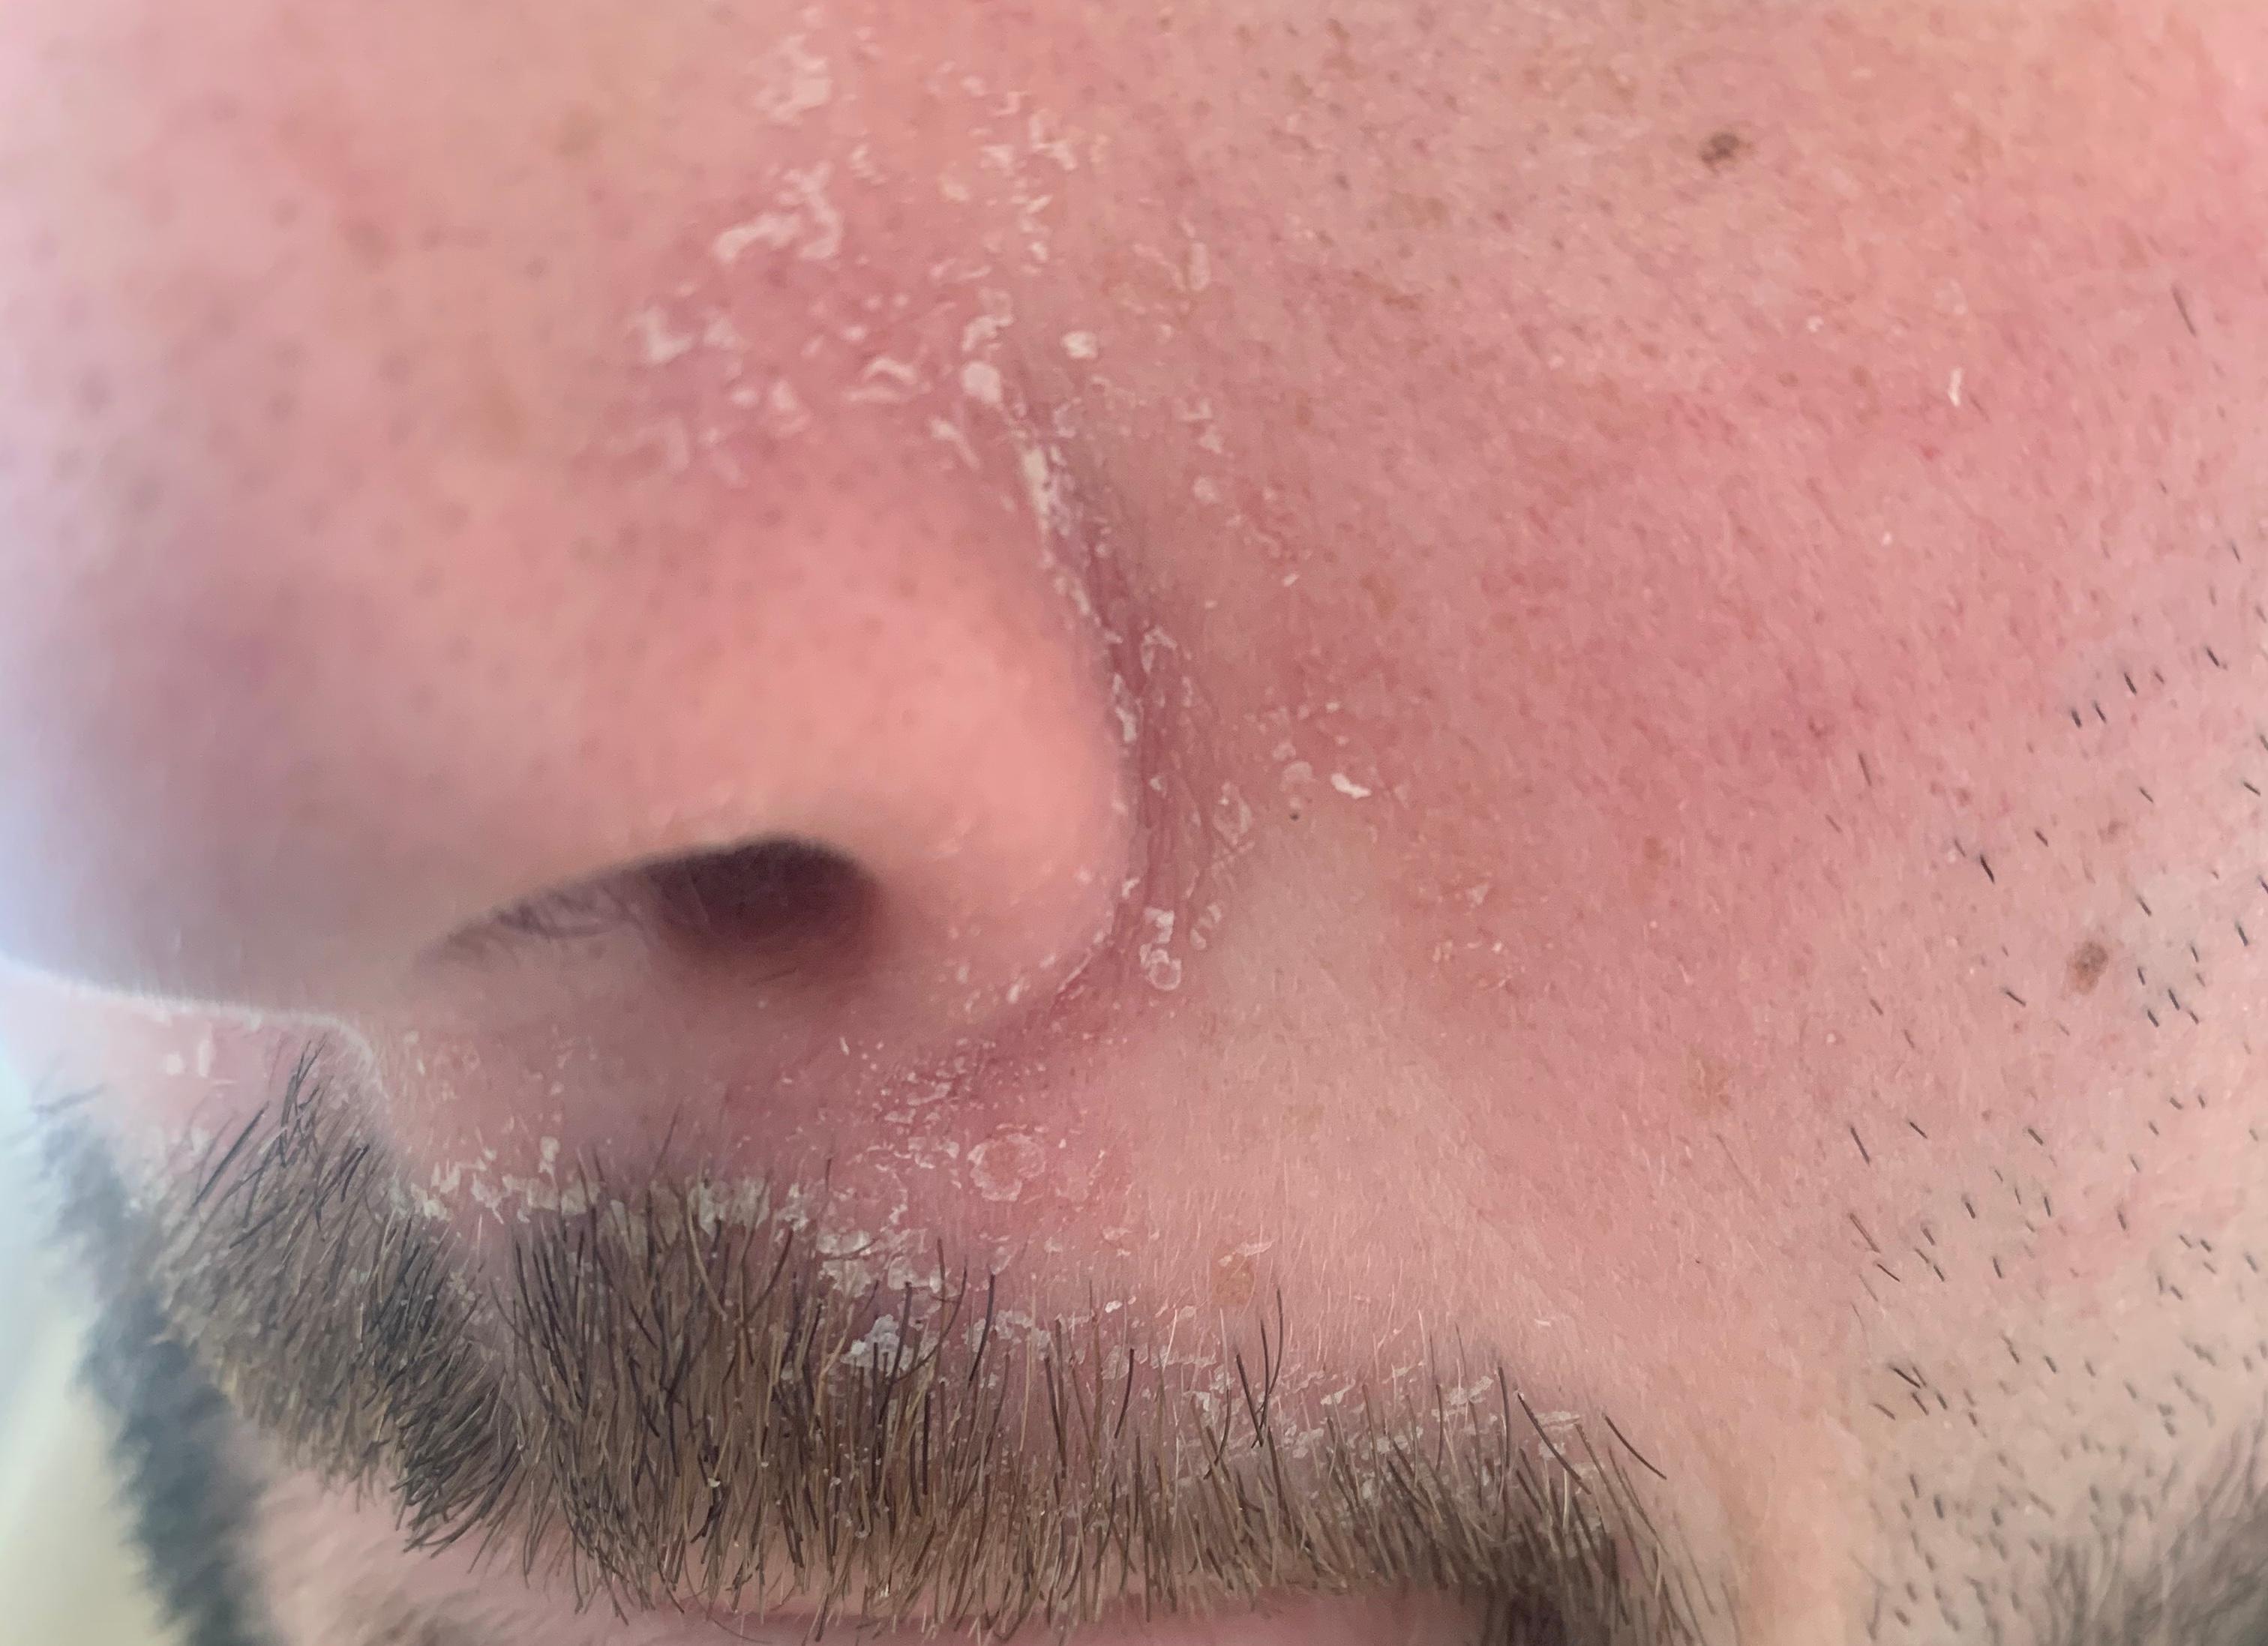 Probleme mit der Haut im Gesicht. Was kann das sein und